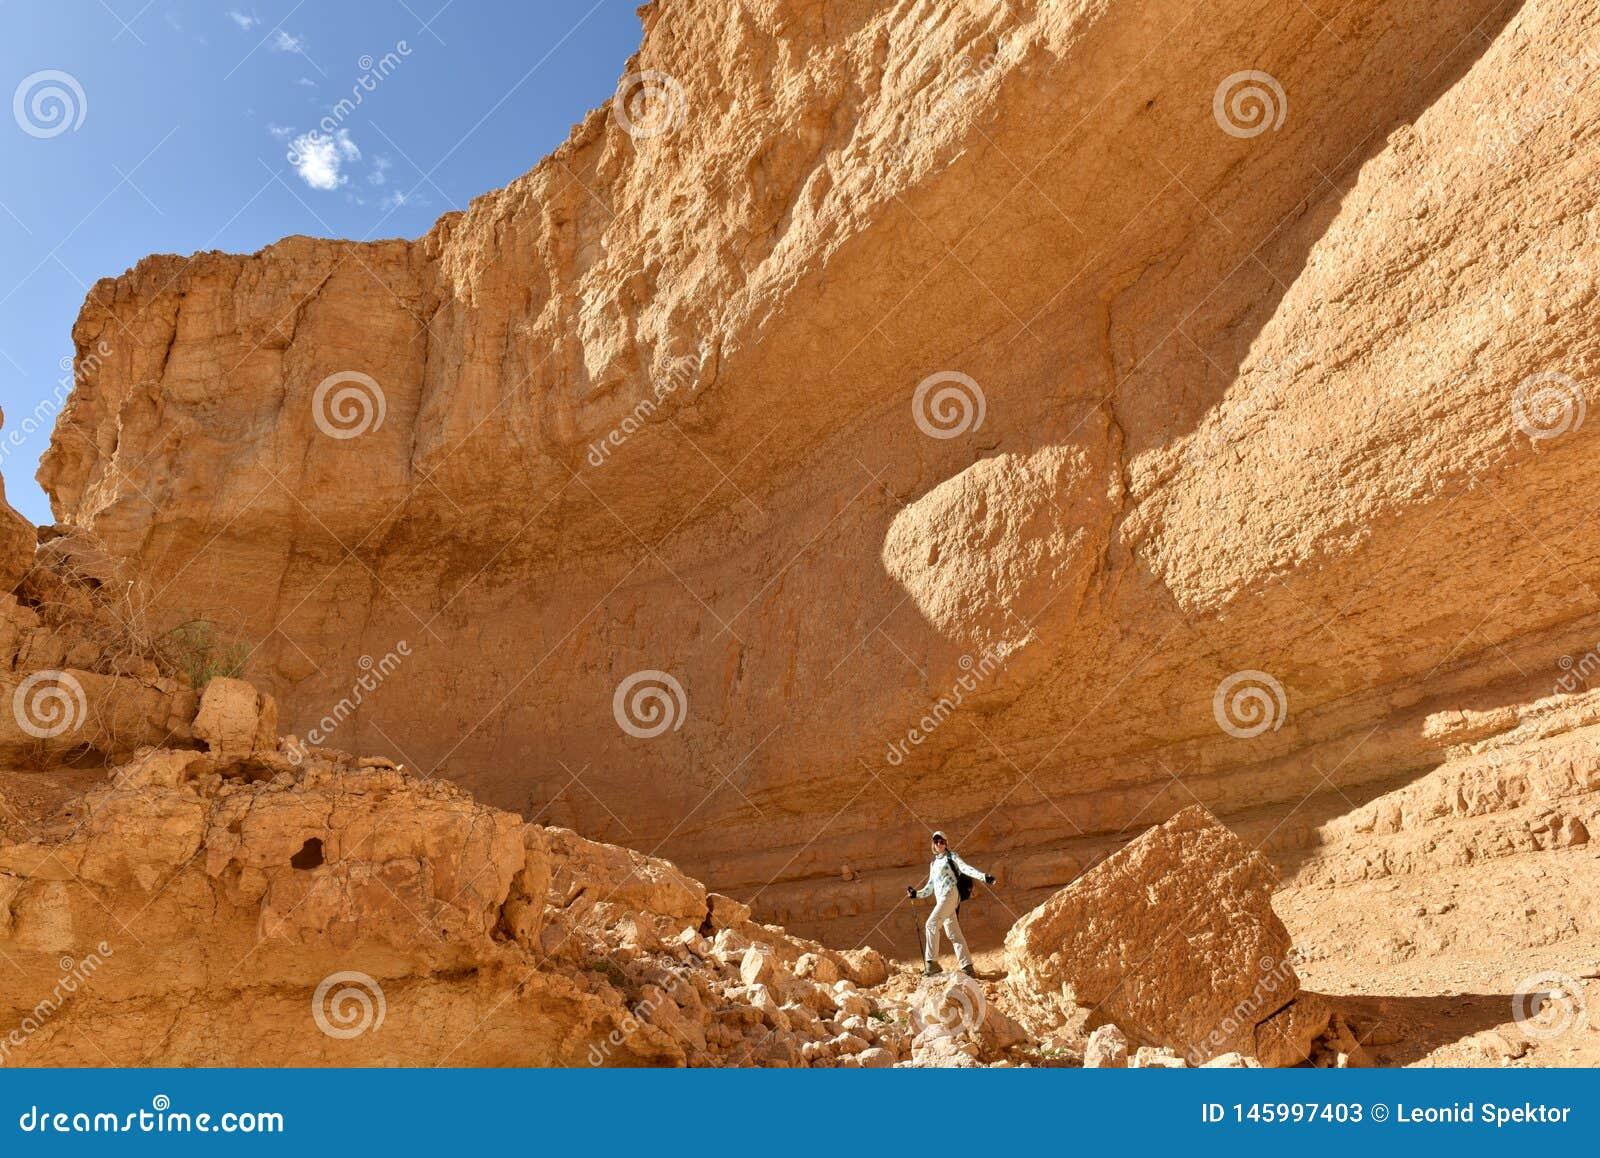 Φυσική πεζοπορία στο βουνό ερήμων Judea